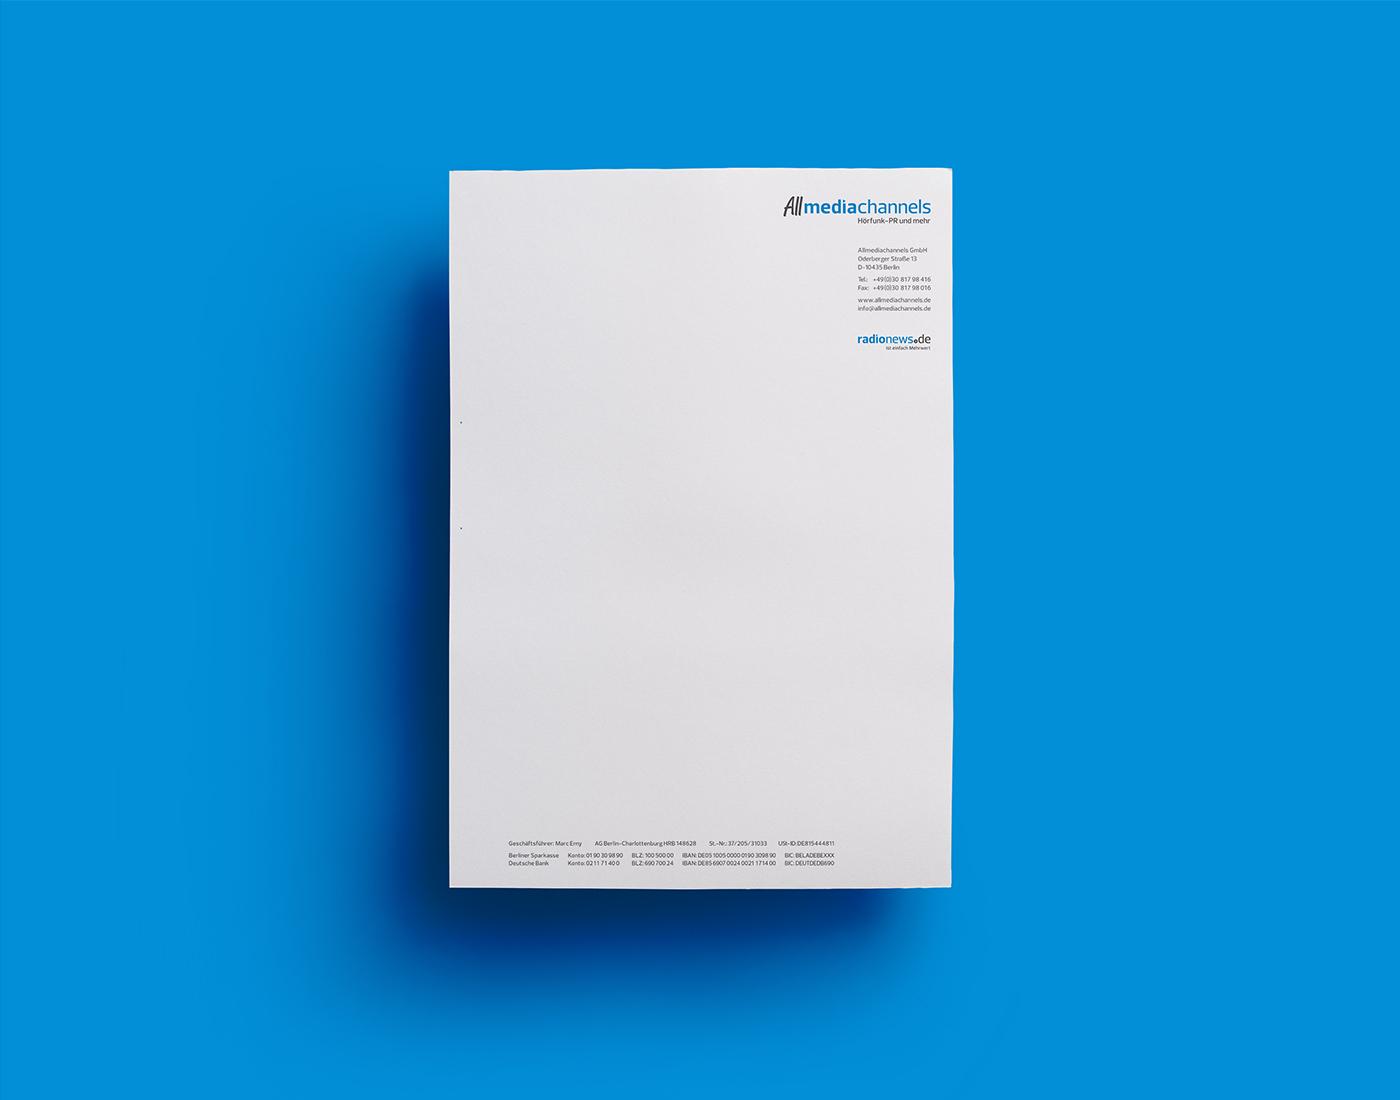 Allmediachannels - Briefbogen